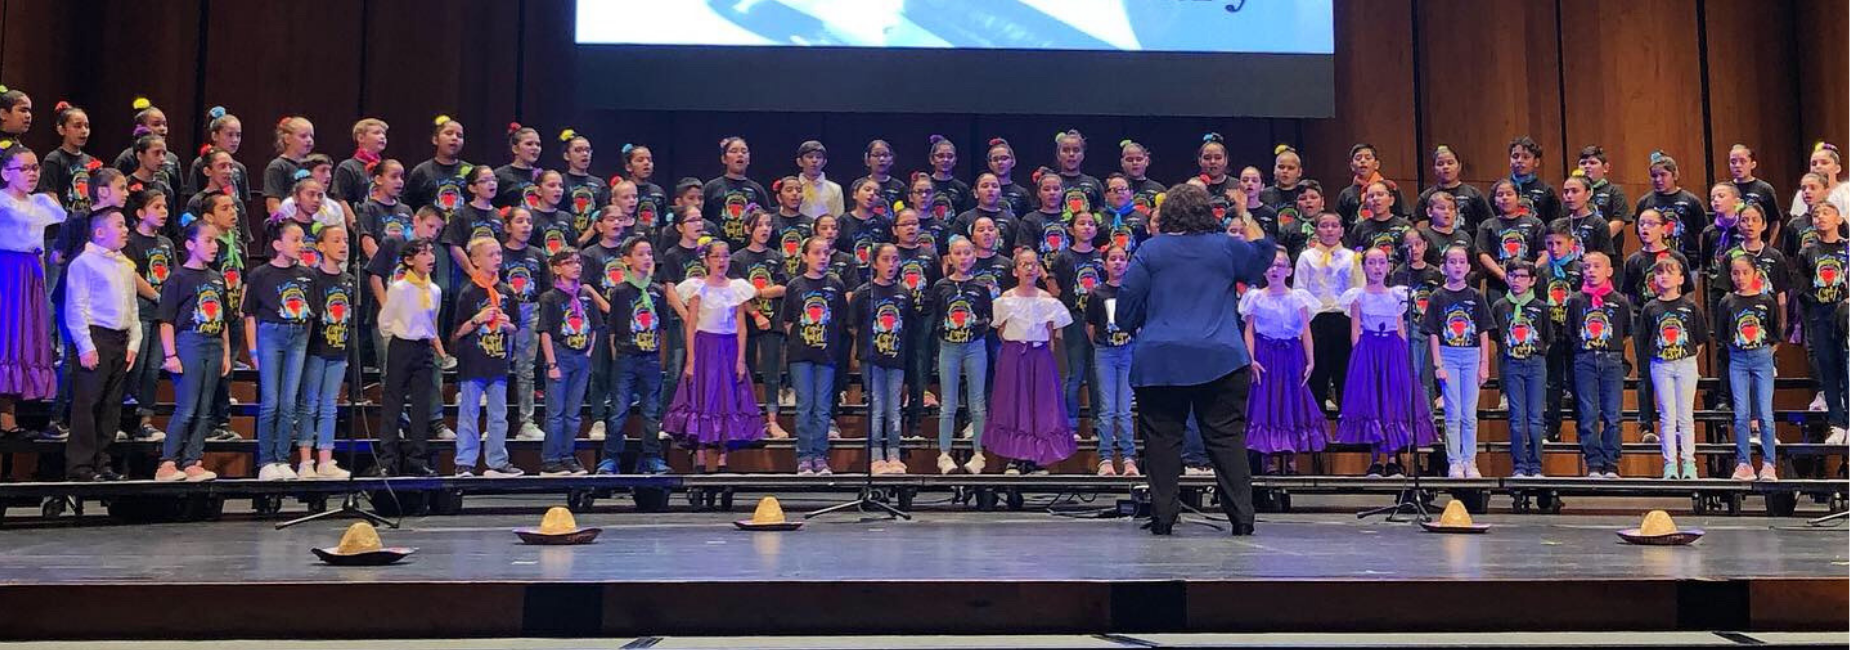 4th Grade Choral Festival